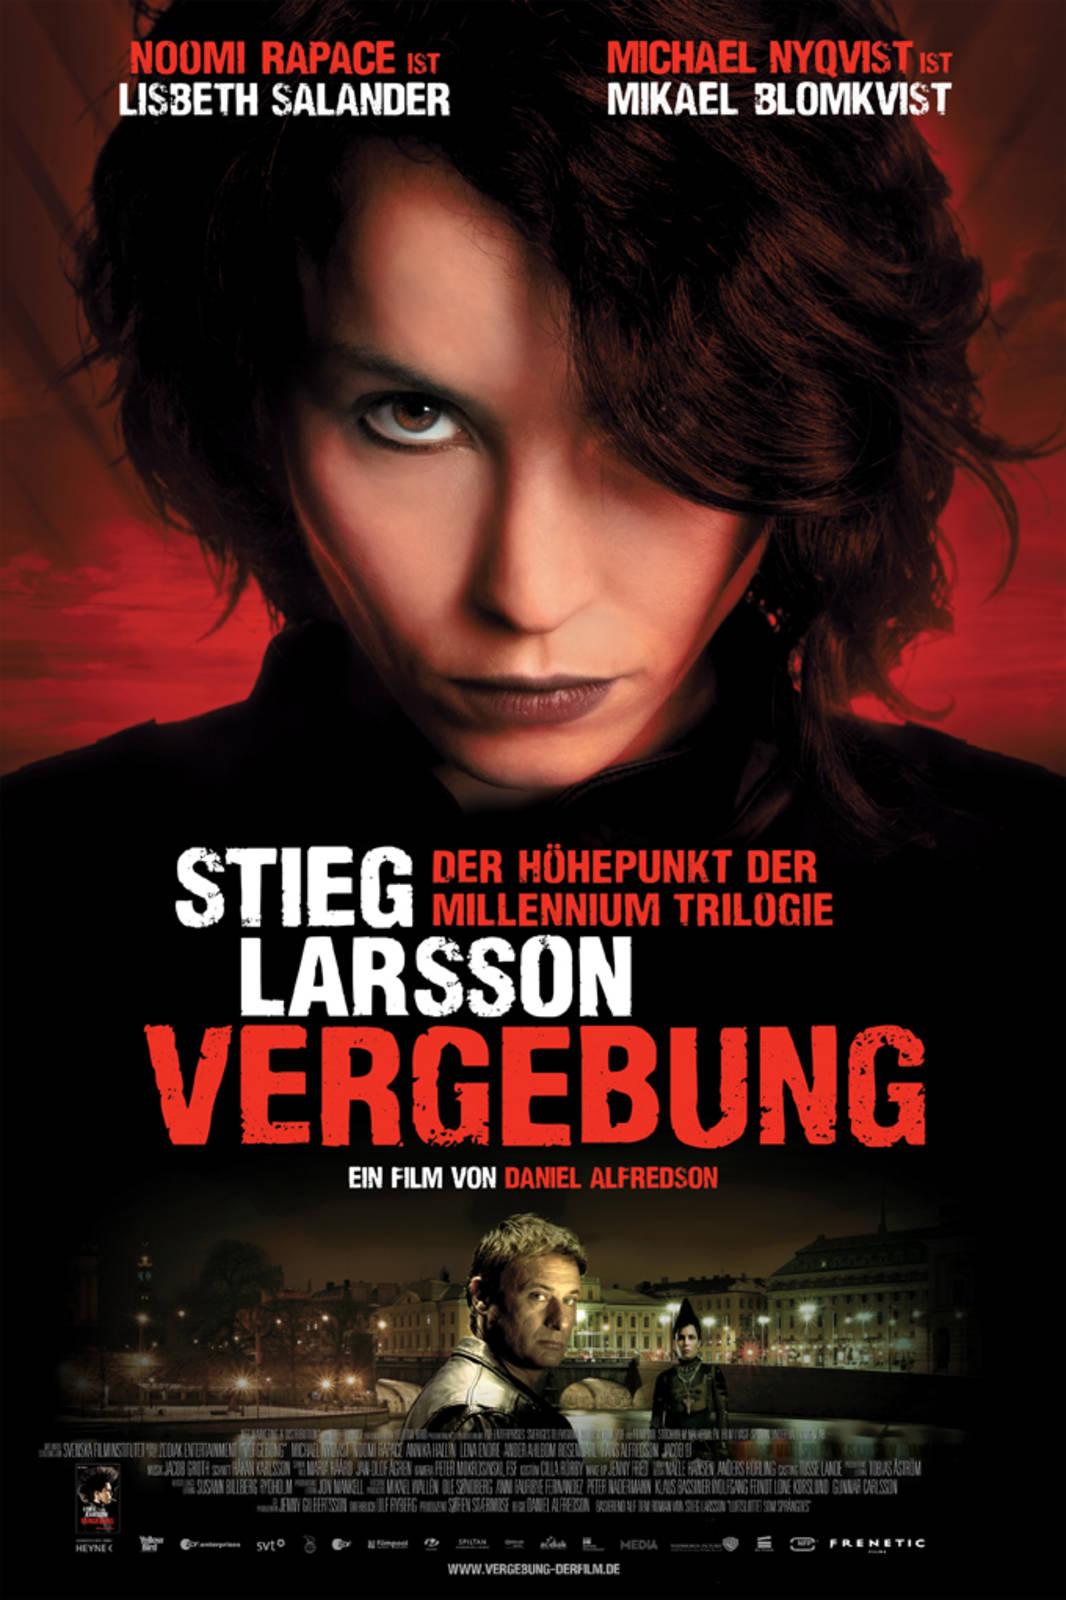 Vergebung Stieg Larsson Film